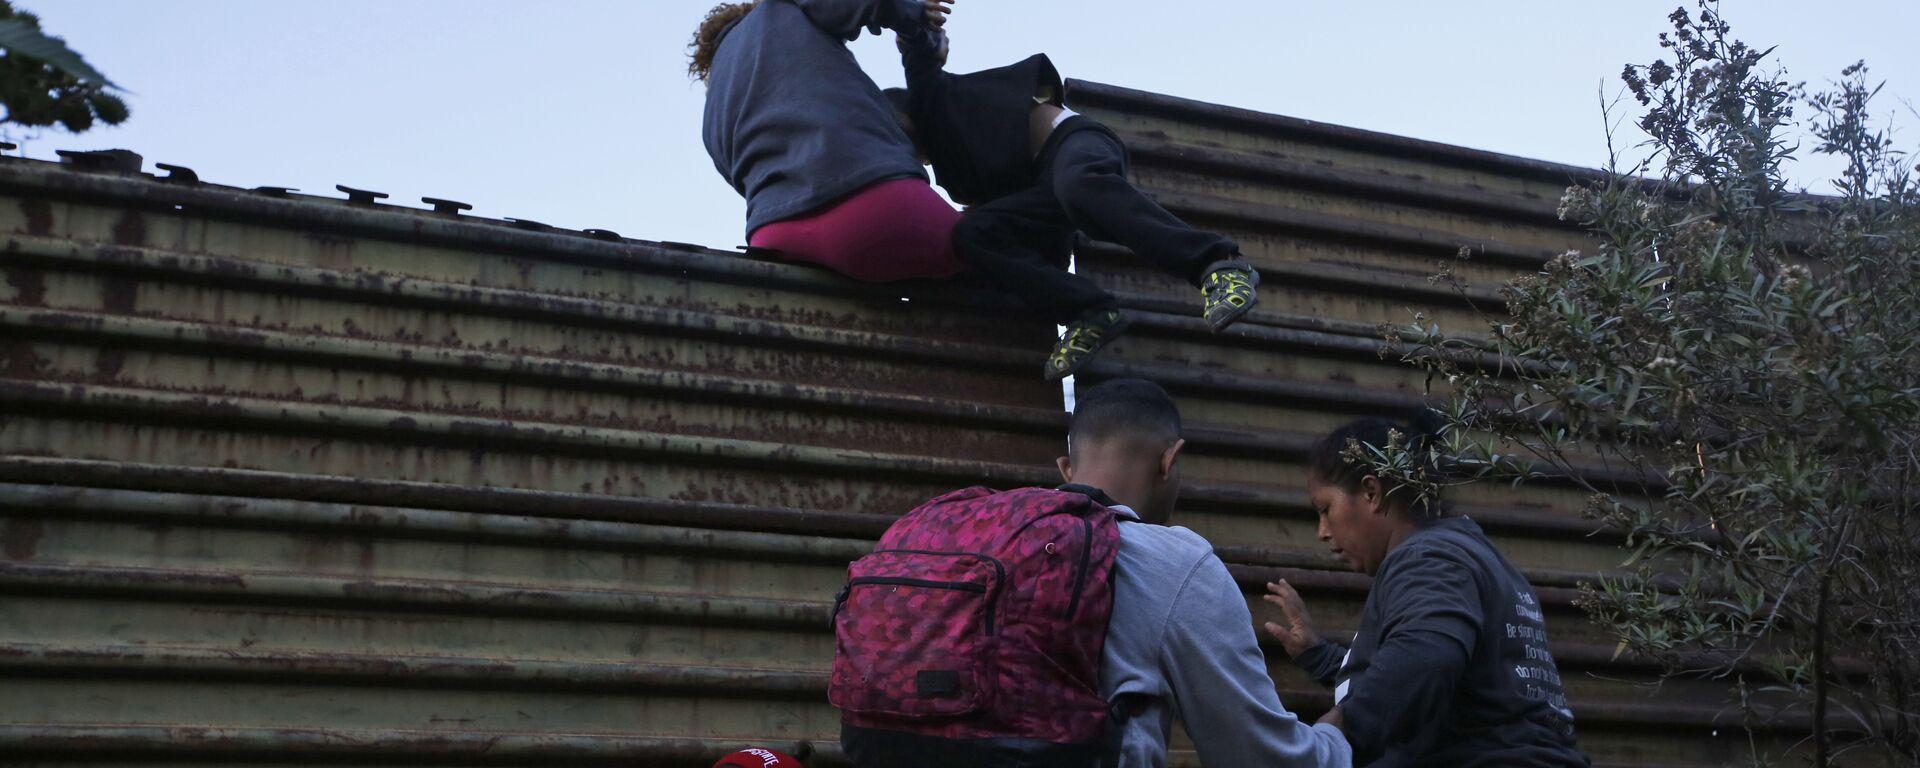 Migranci przechodzą przez mur na granicy USA i Meksyku - Sputnik Polska, 1920, 07.08.2021